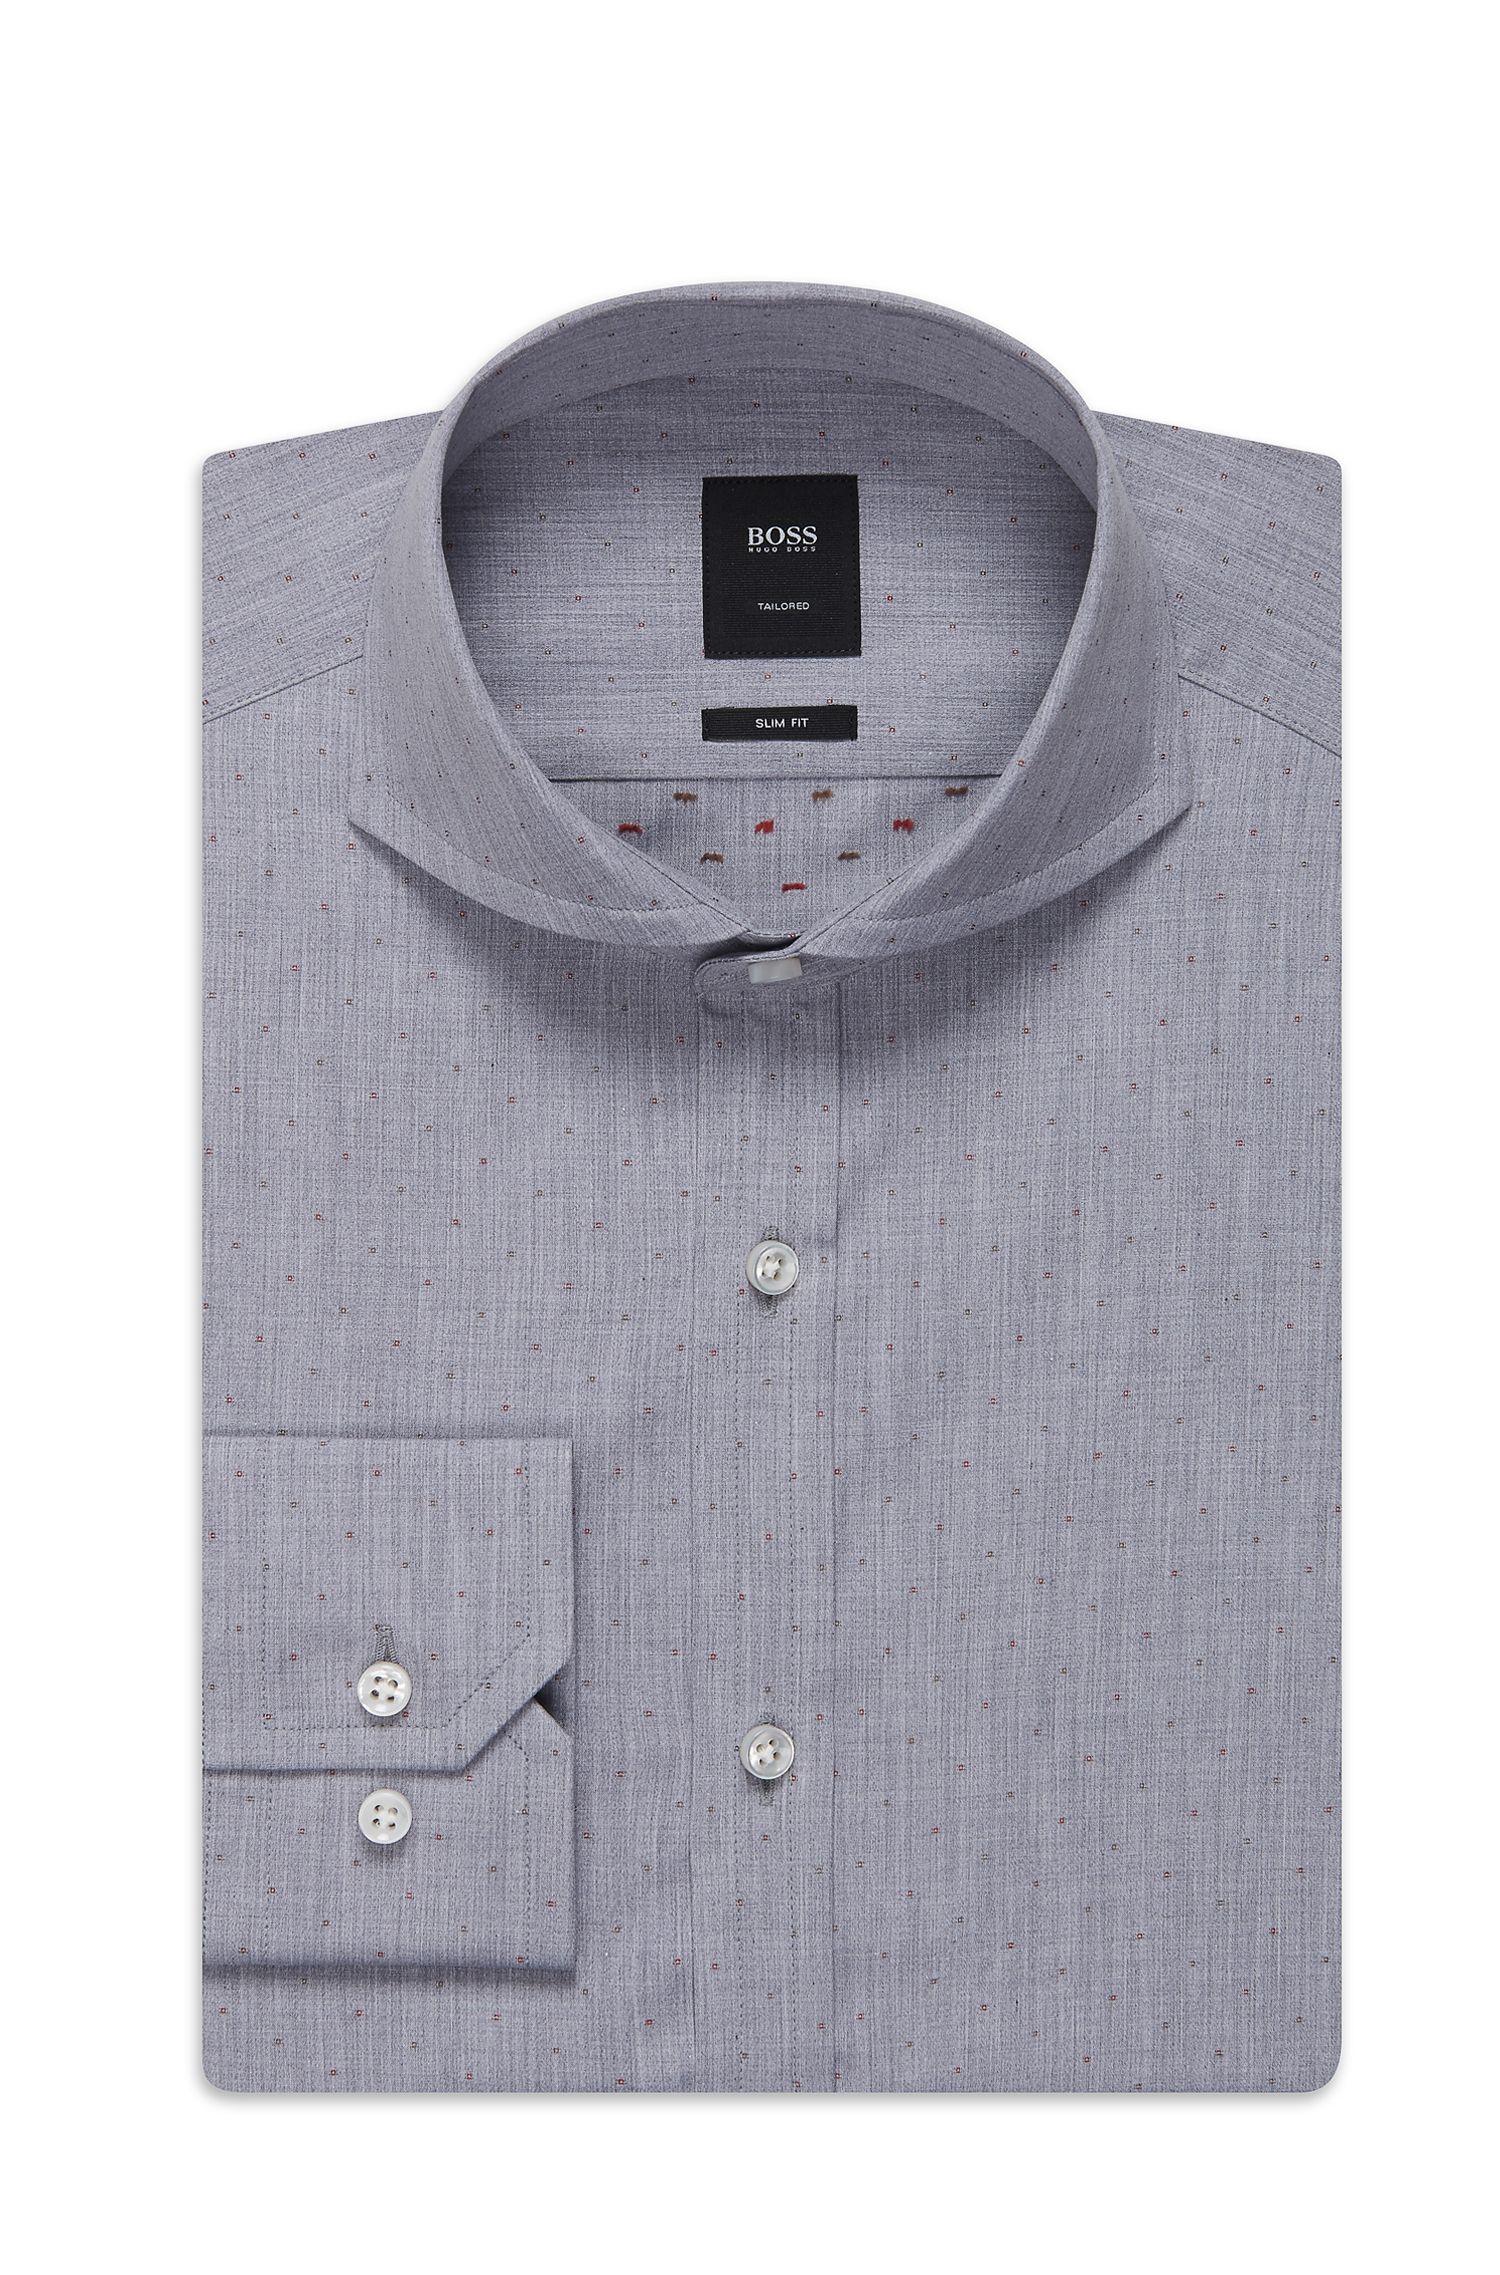 'T-Swain'   Slim Fit, Italian Cotton Dress Shirt